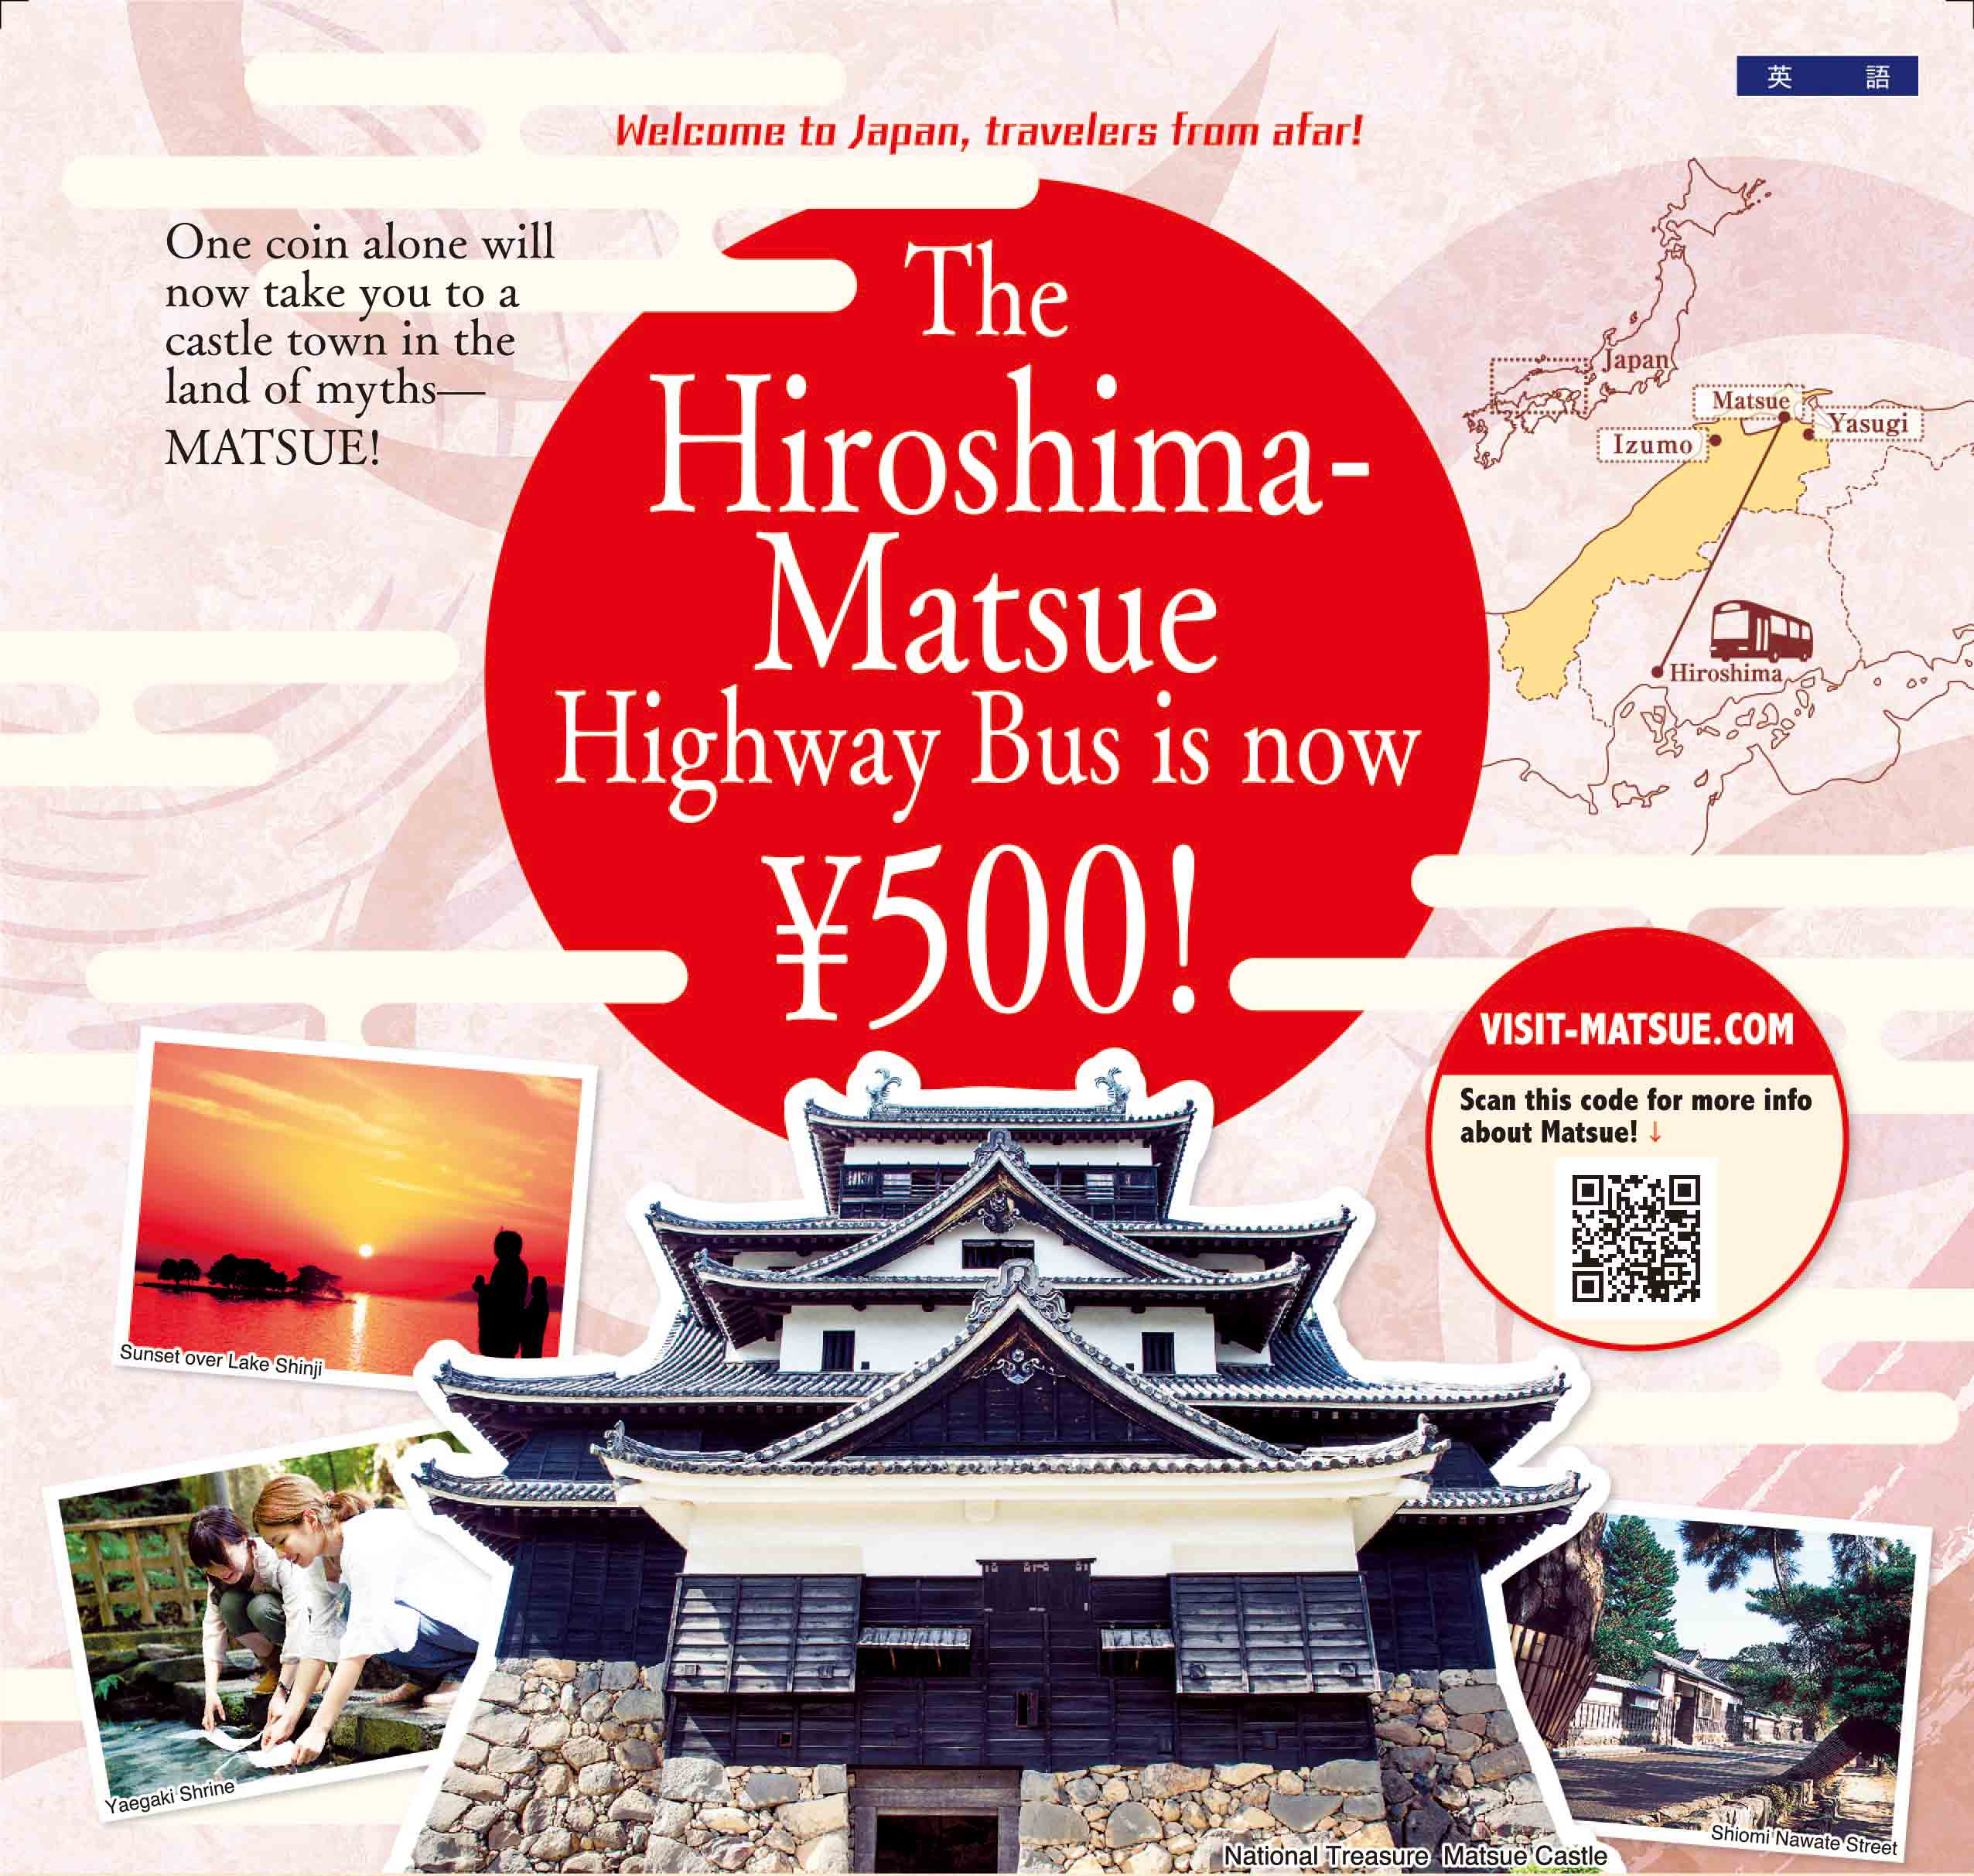 Matsue Hiroshima Bus